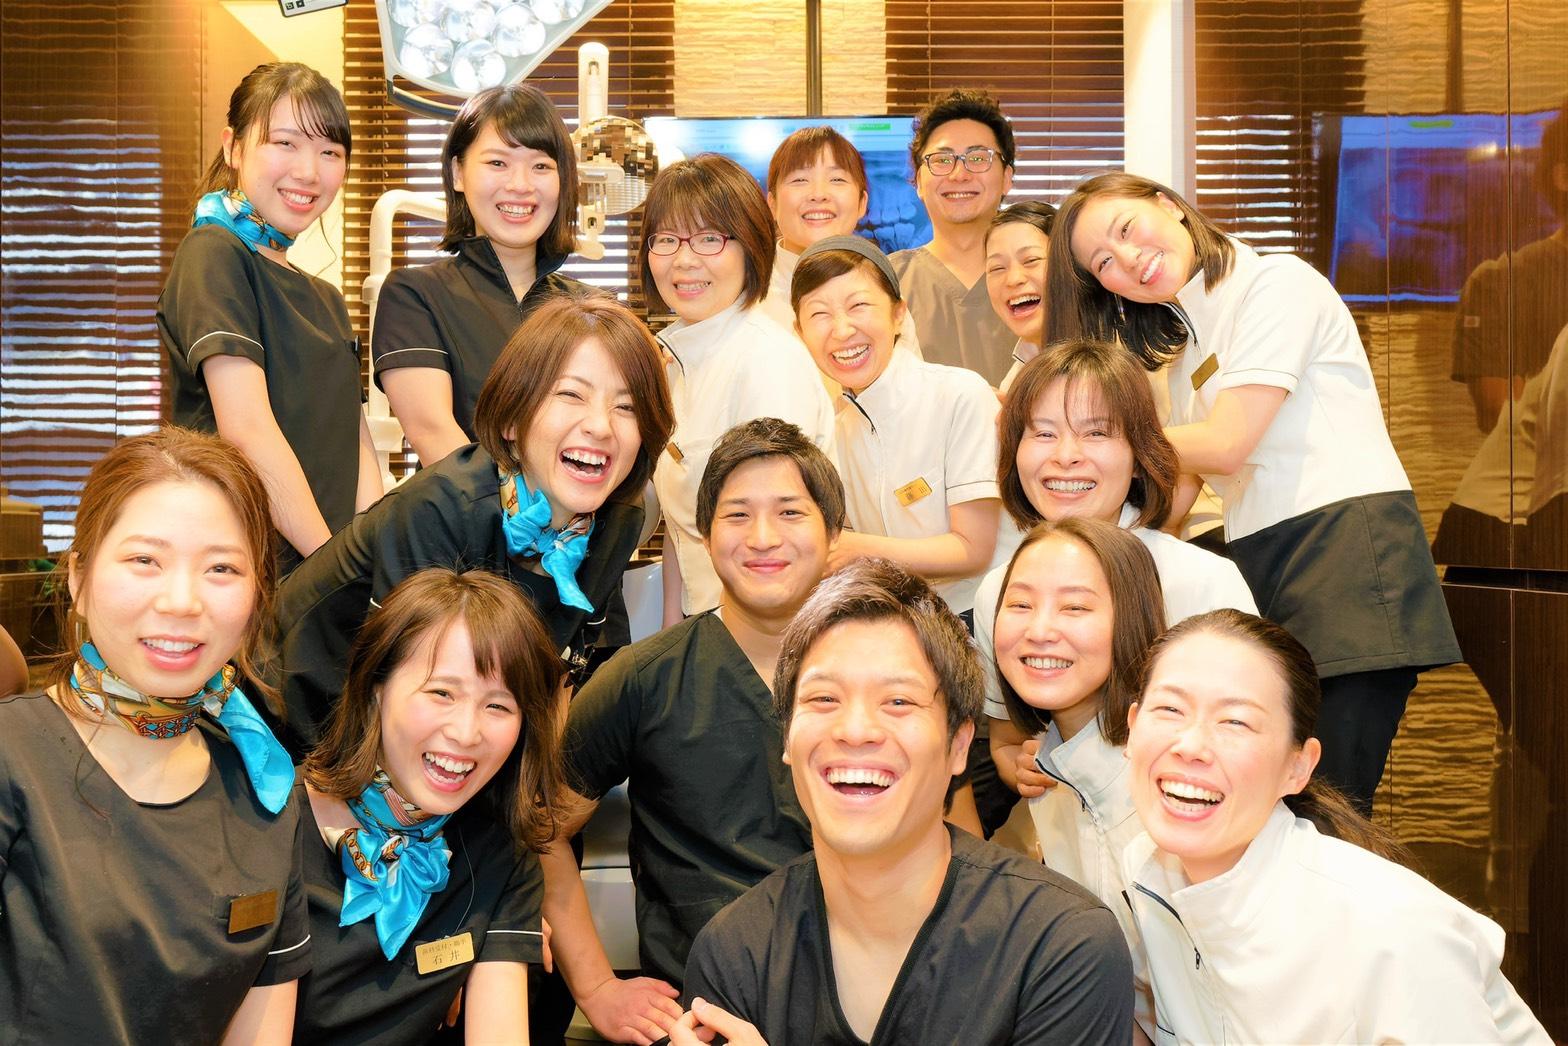 教育マニュアルを用いた丁寧な指導、希望日に休みを取りやすい完全週休二日のシフト制。歯科衛生士 正社員